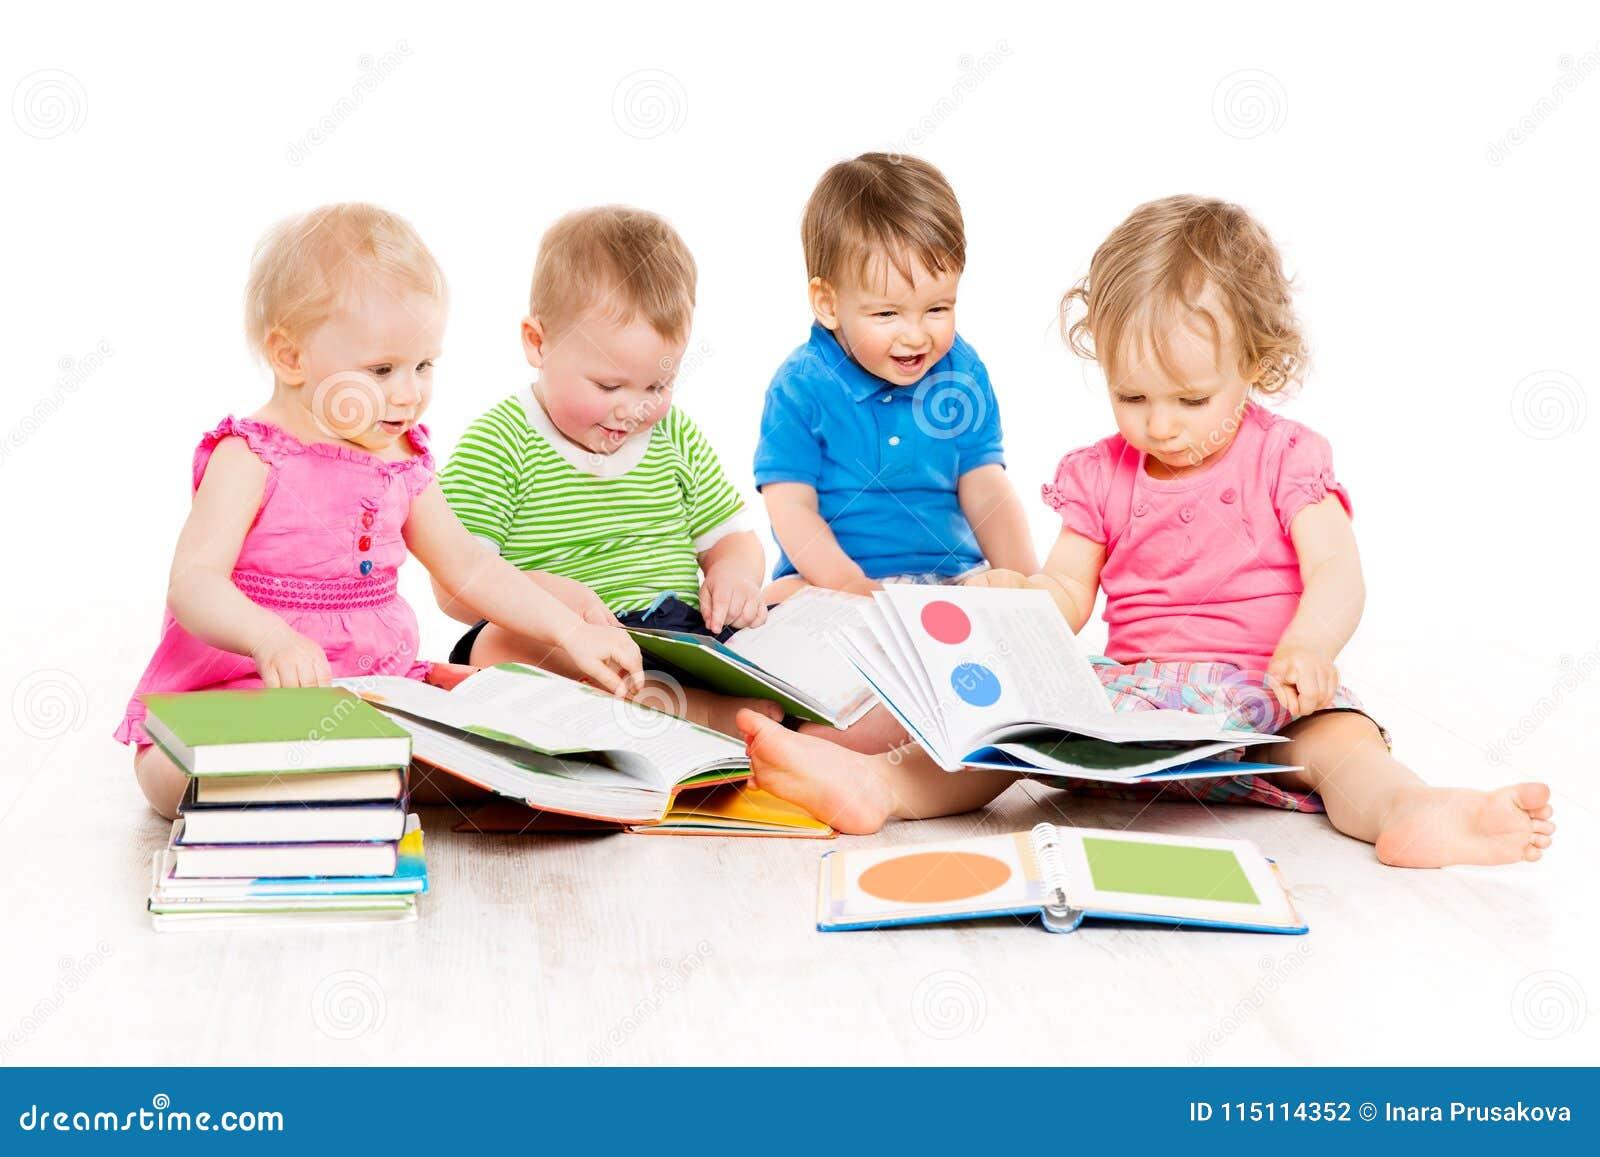 Kinderen die Boeken, Babys Vroeg Onderwijs, Witte Jonge geitjesgroep lezen,